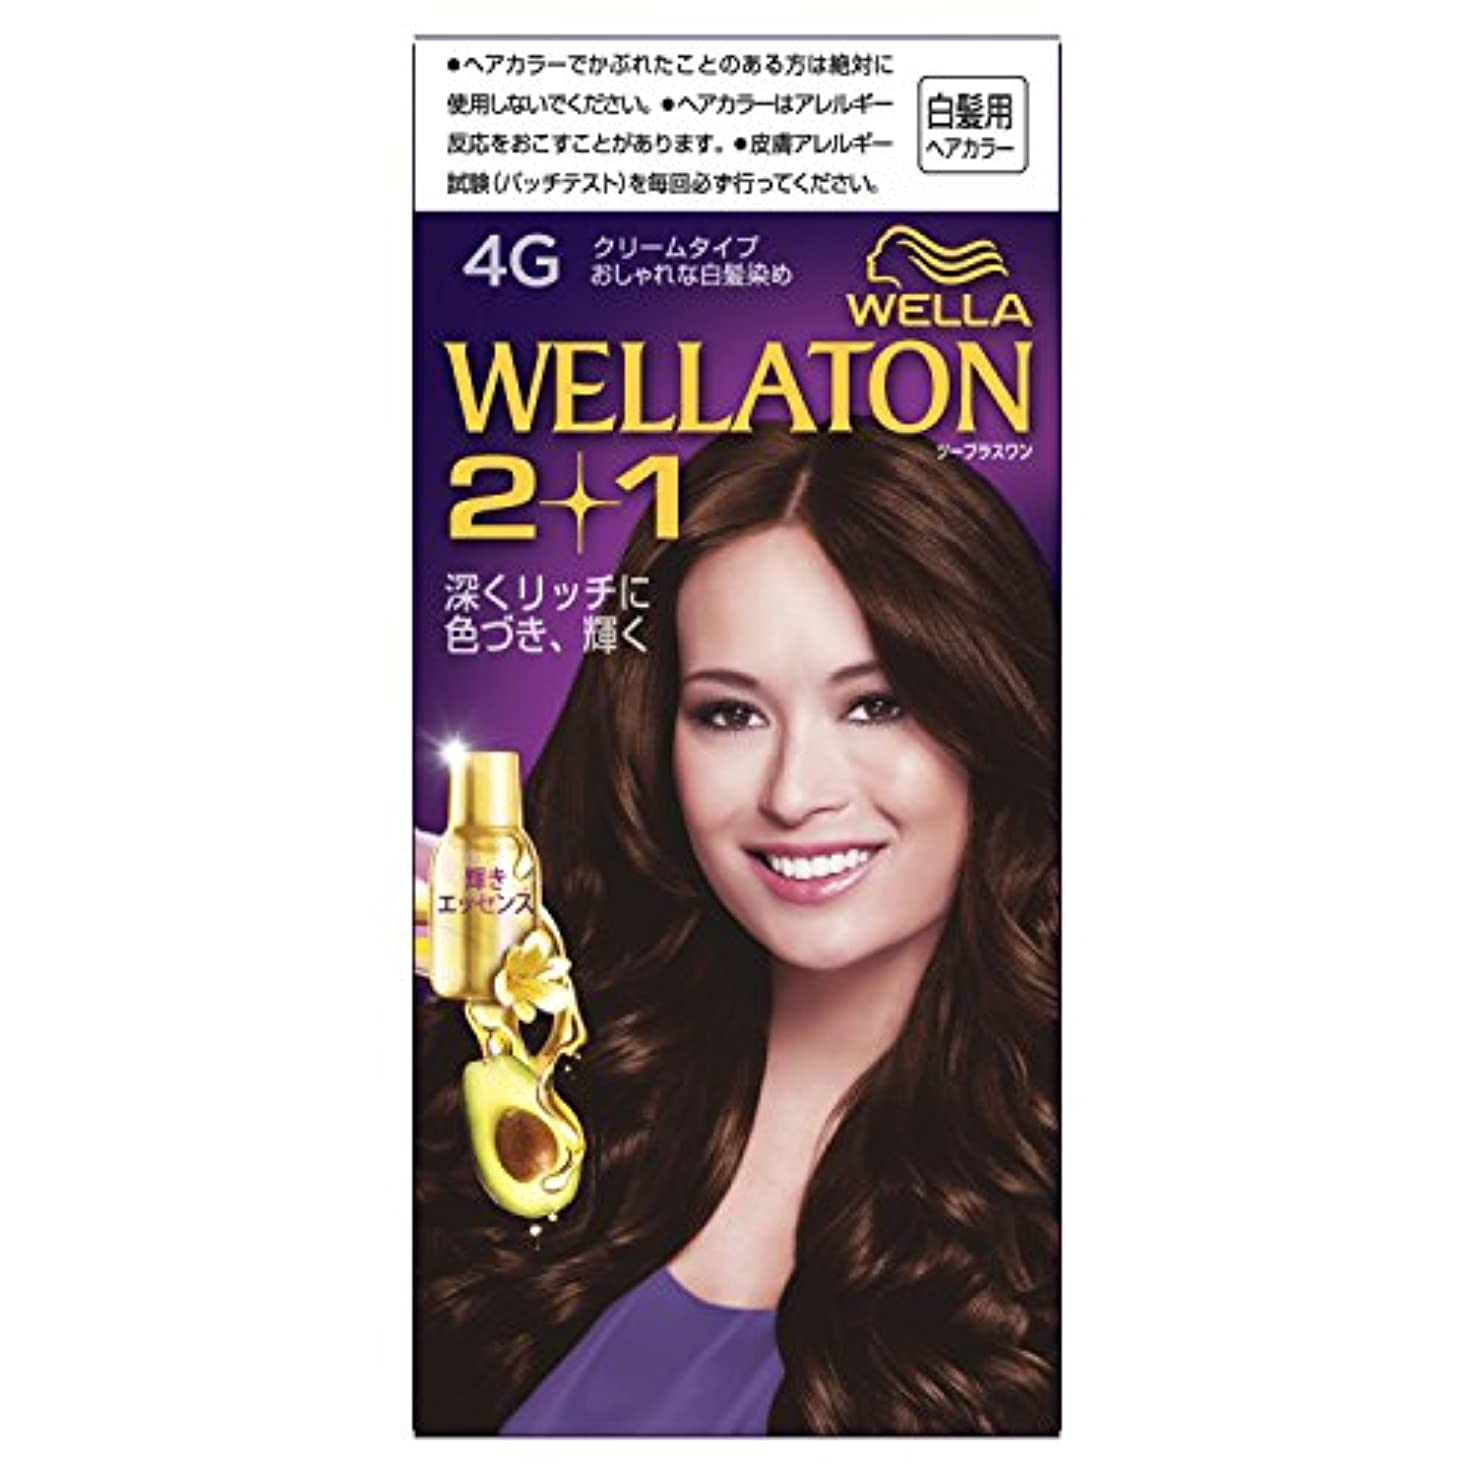 むしろ影響するポップウエラトーン2+1 クリームタイプ 4G[医薬部外品](おしゃれな白髪染め)